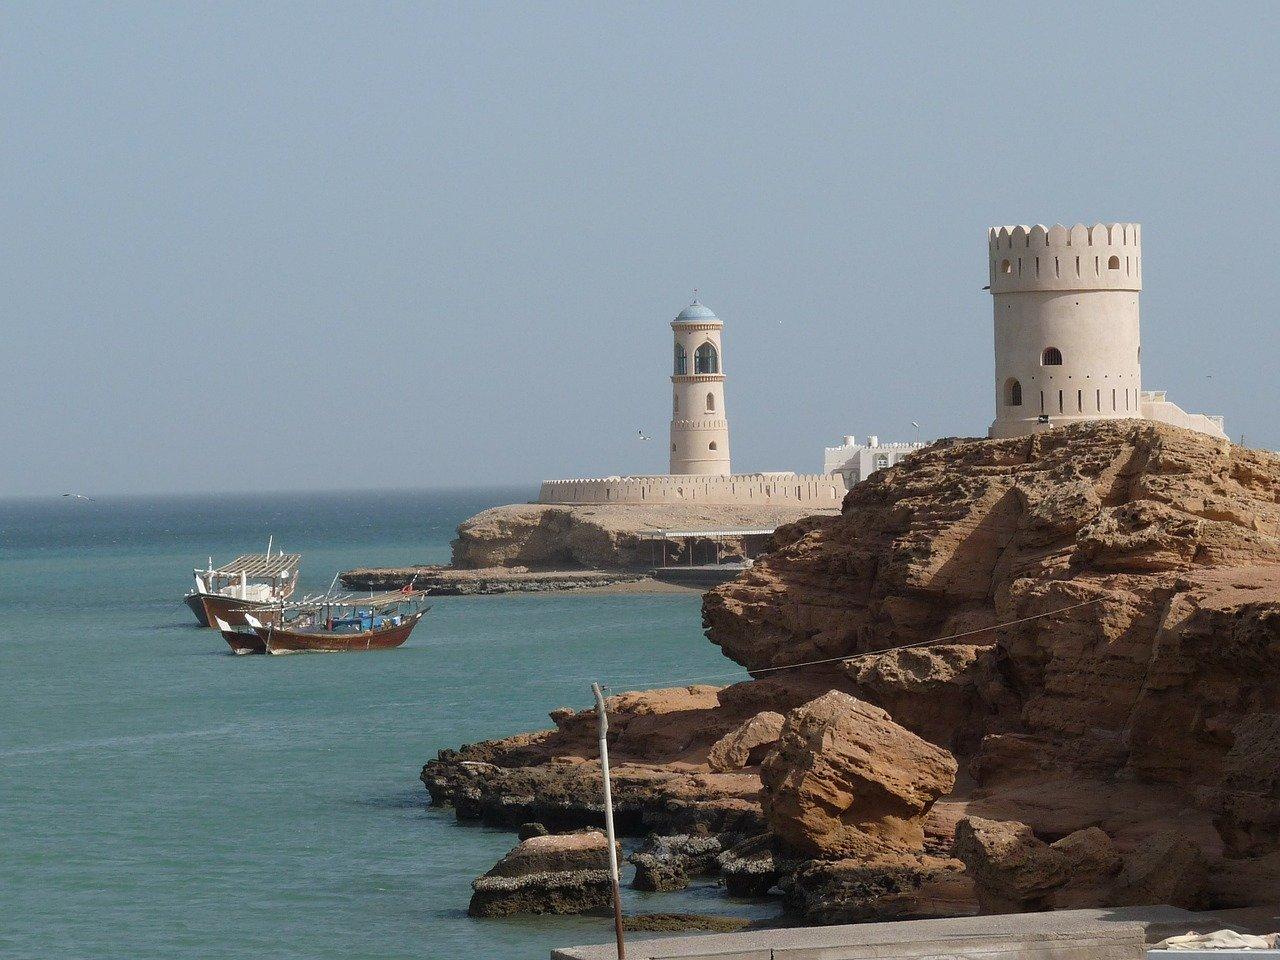 Индивидуальные путешественники в Омане: что нужно знать Путешественники-одиночки в Омане Путешественники-одиночки в Омане: безопасность, дресс-код и знакомство с людьми oman